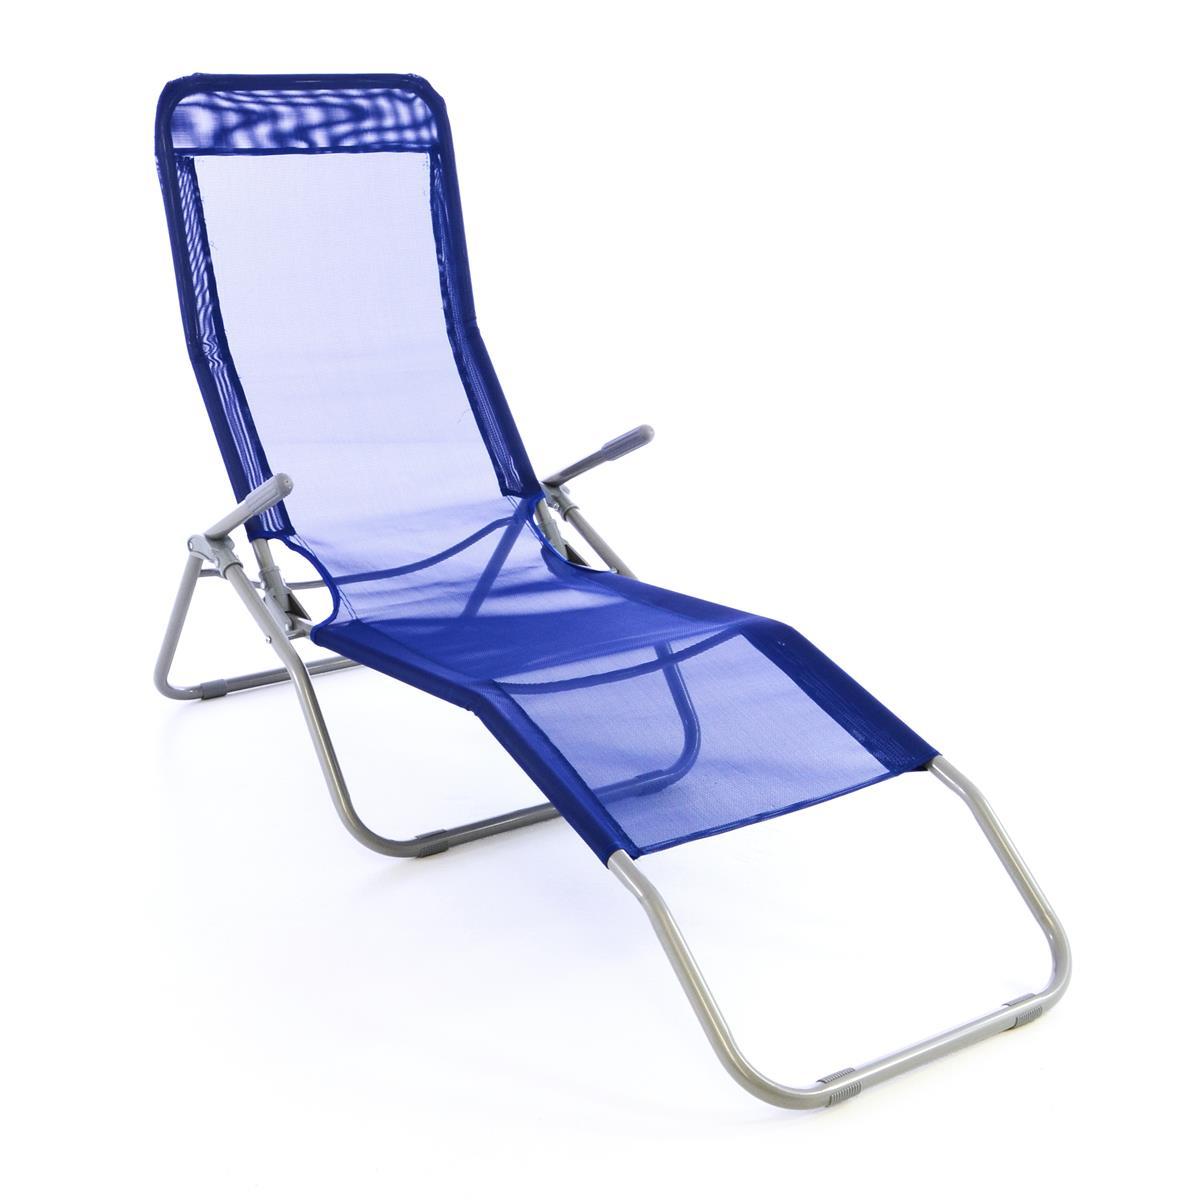 Gartenliege Bäderliege 160 cm Textilene blau Armlehne Stahl Relaxliege klappbar